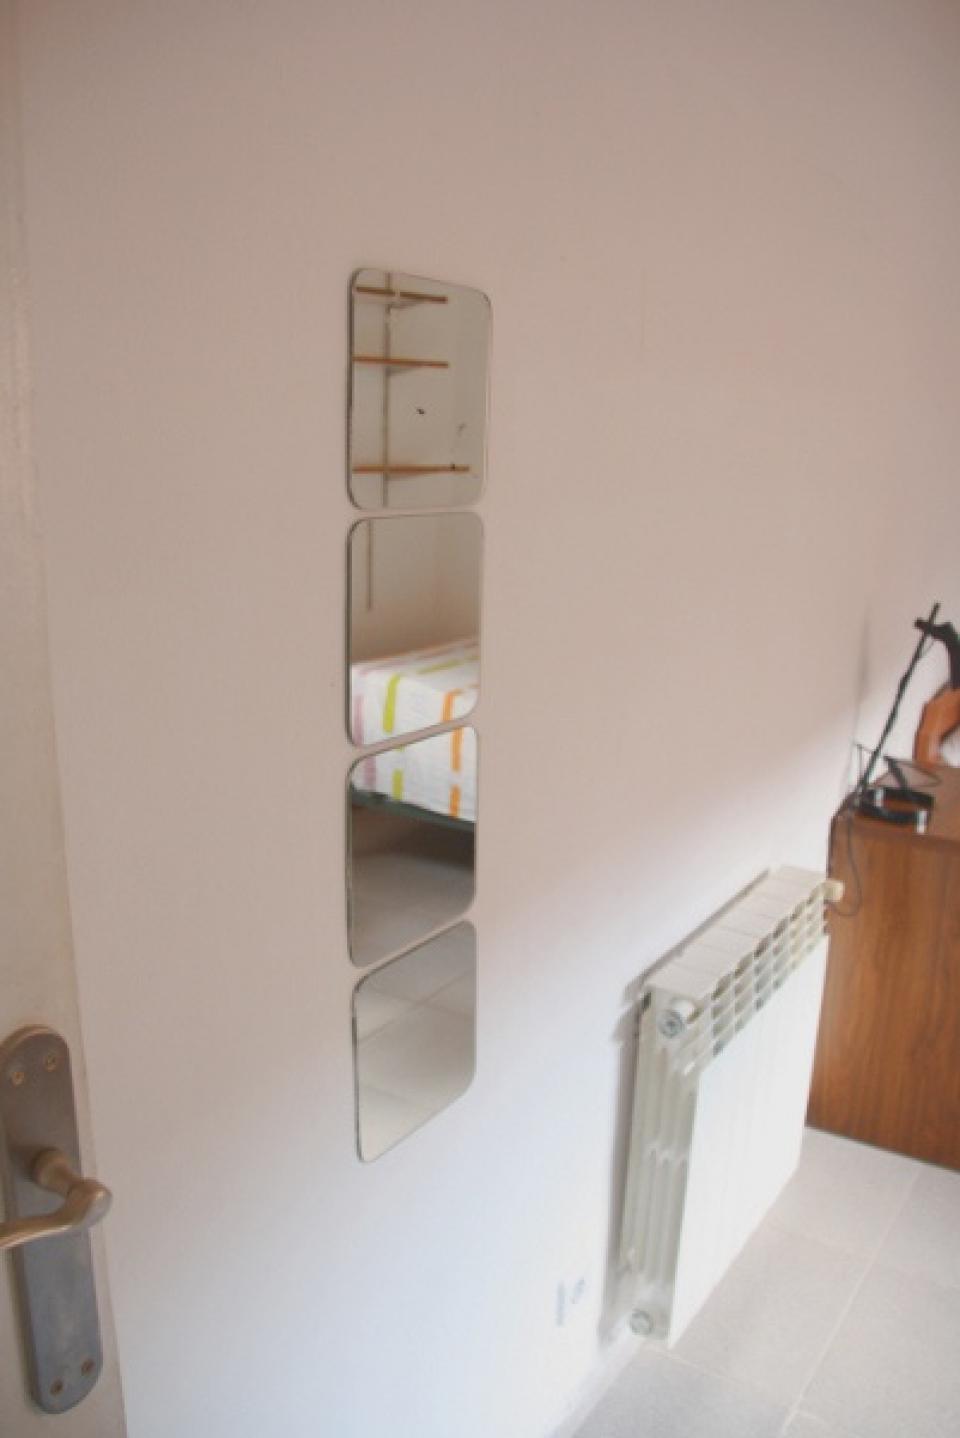 Flatmates habitaciones en alquiler en barcelona for Habitaciones en alquiler